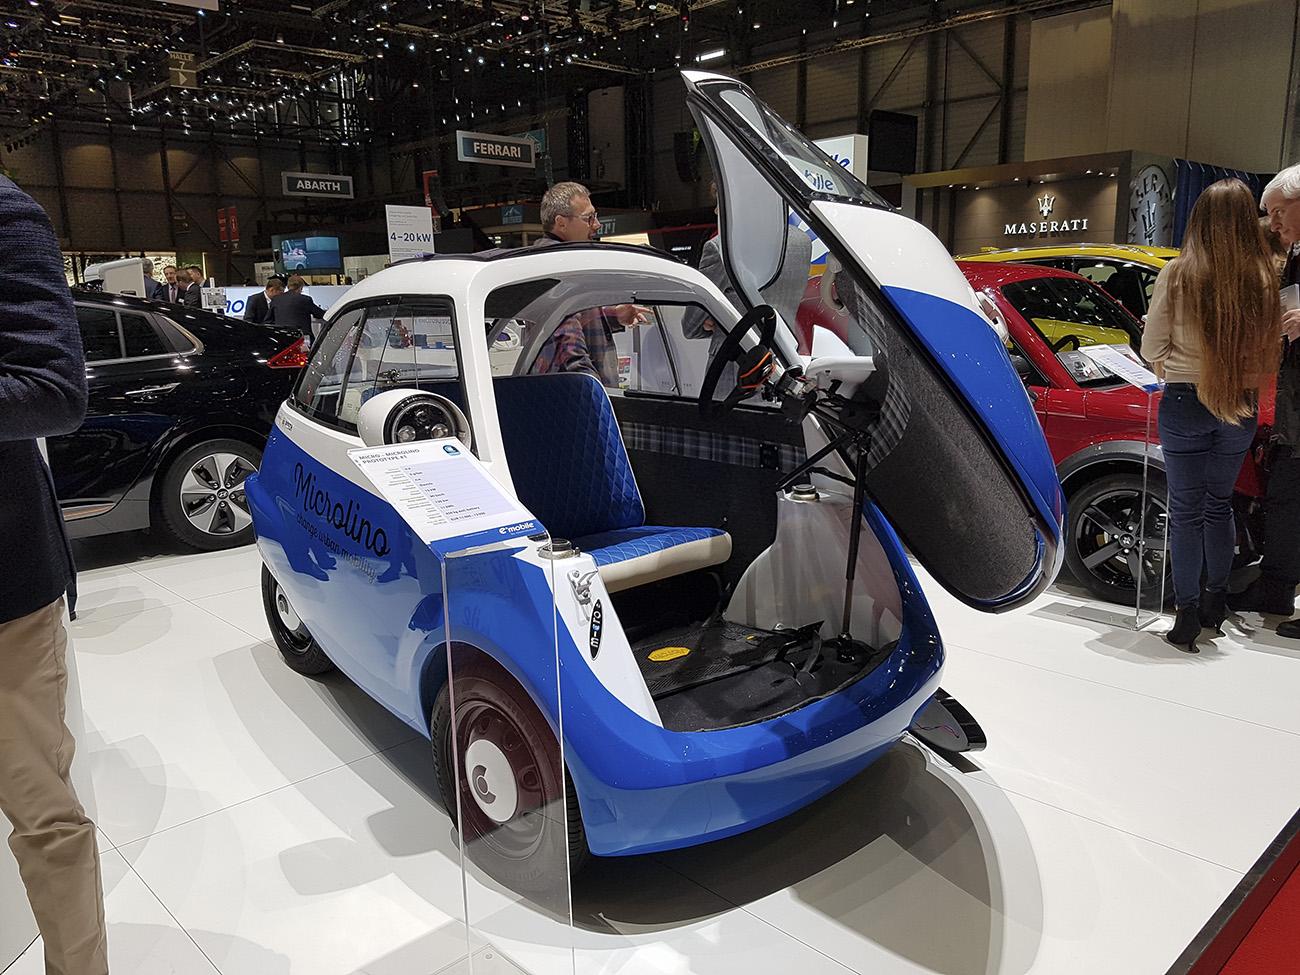 Com um motor elétrico de 15 kW, ele atinge 90 km/h e tem autonomia de 120 km